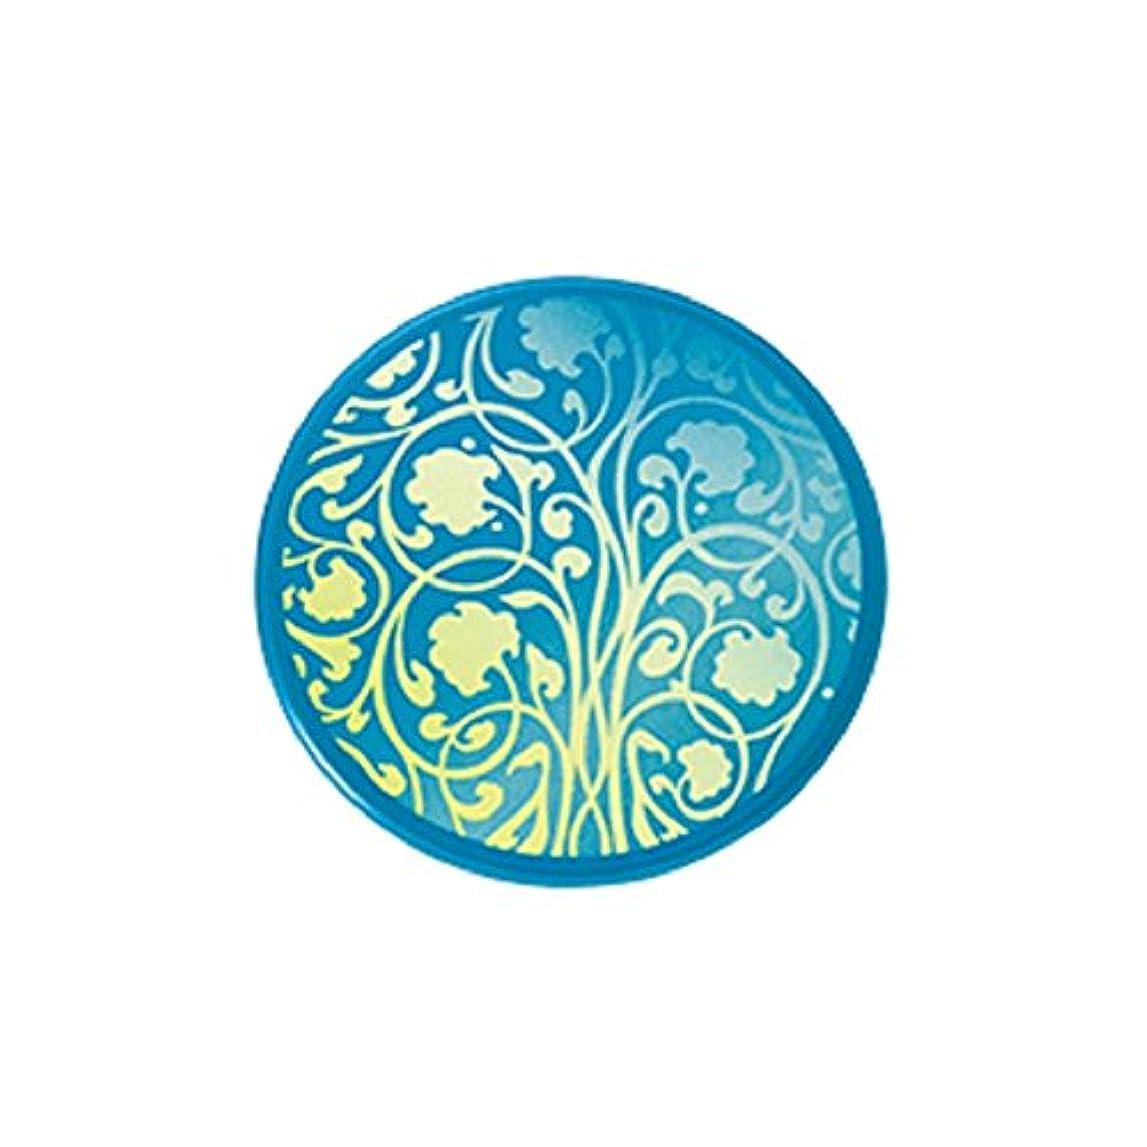 セットするラジカル馬力アユーラ (AYURA) ウェルフィット アロマバーム 14g 〈ソリッドパヒューム〉 心地よい森林の香気